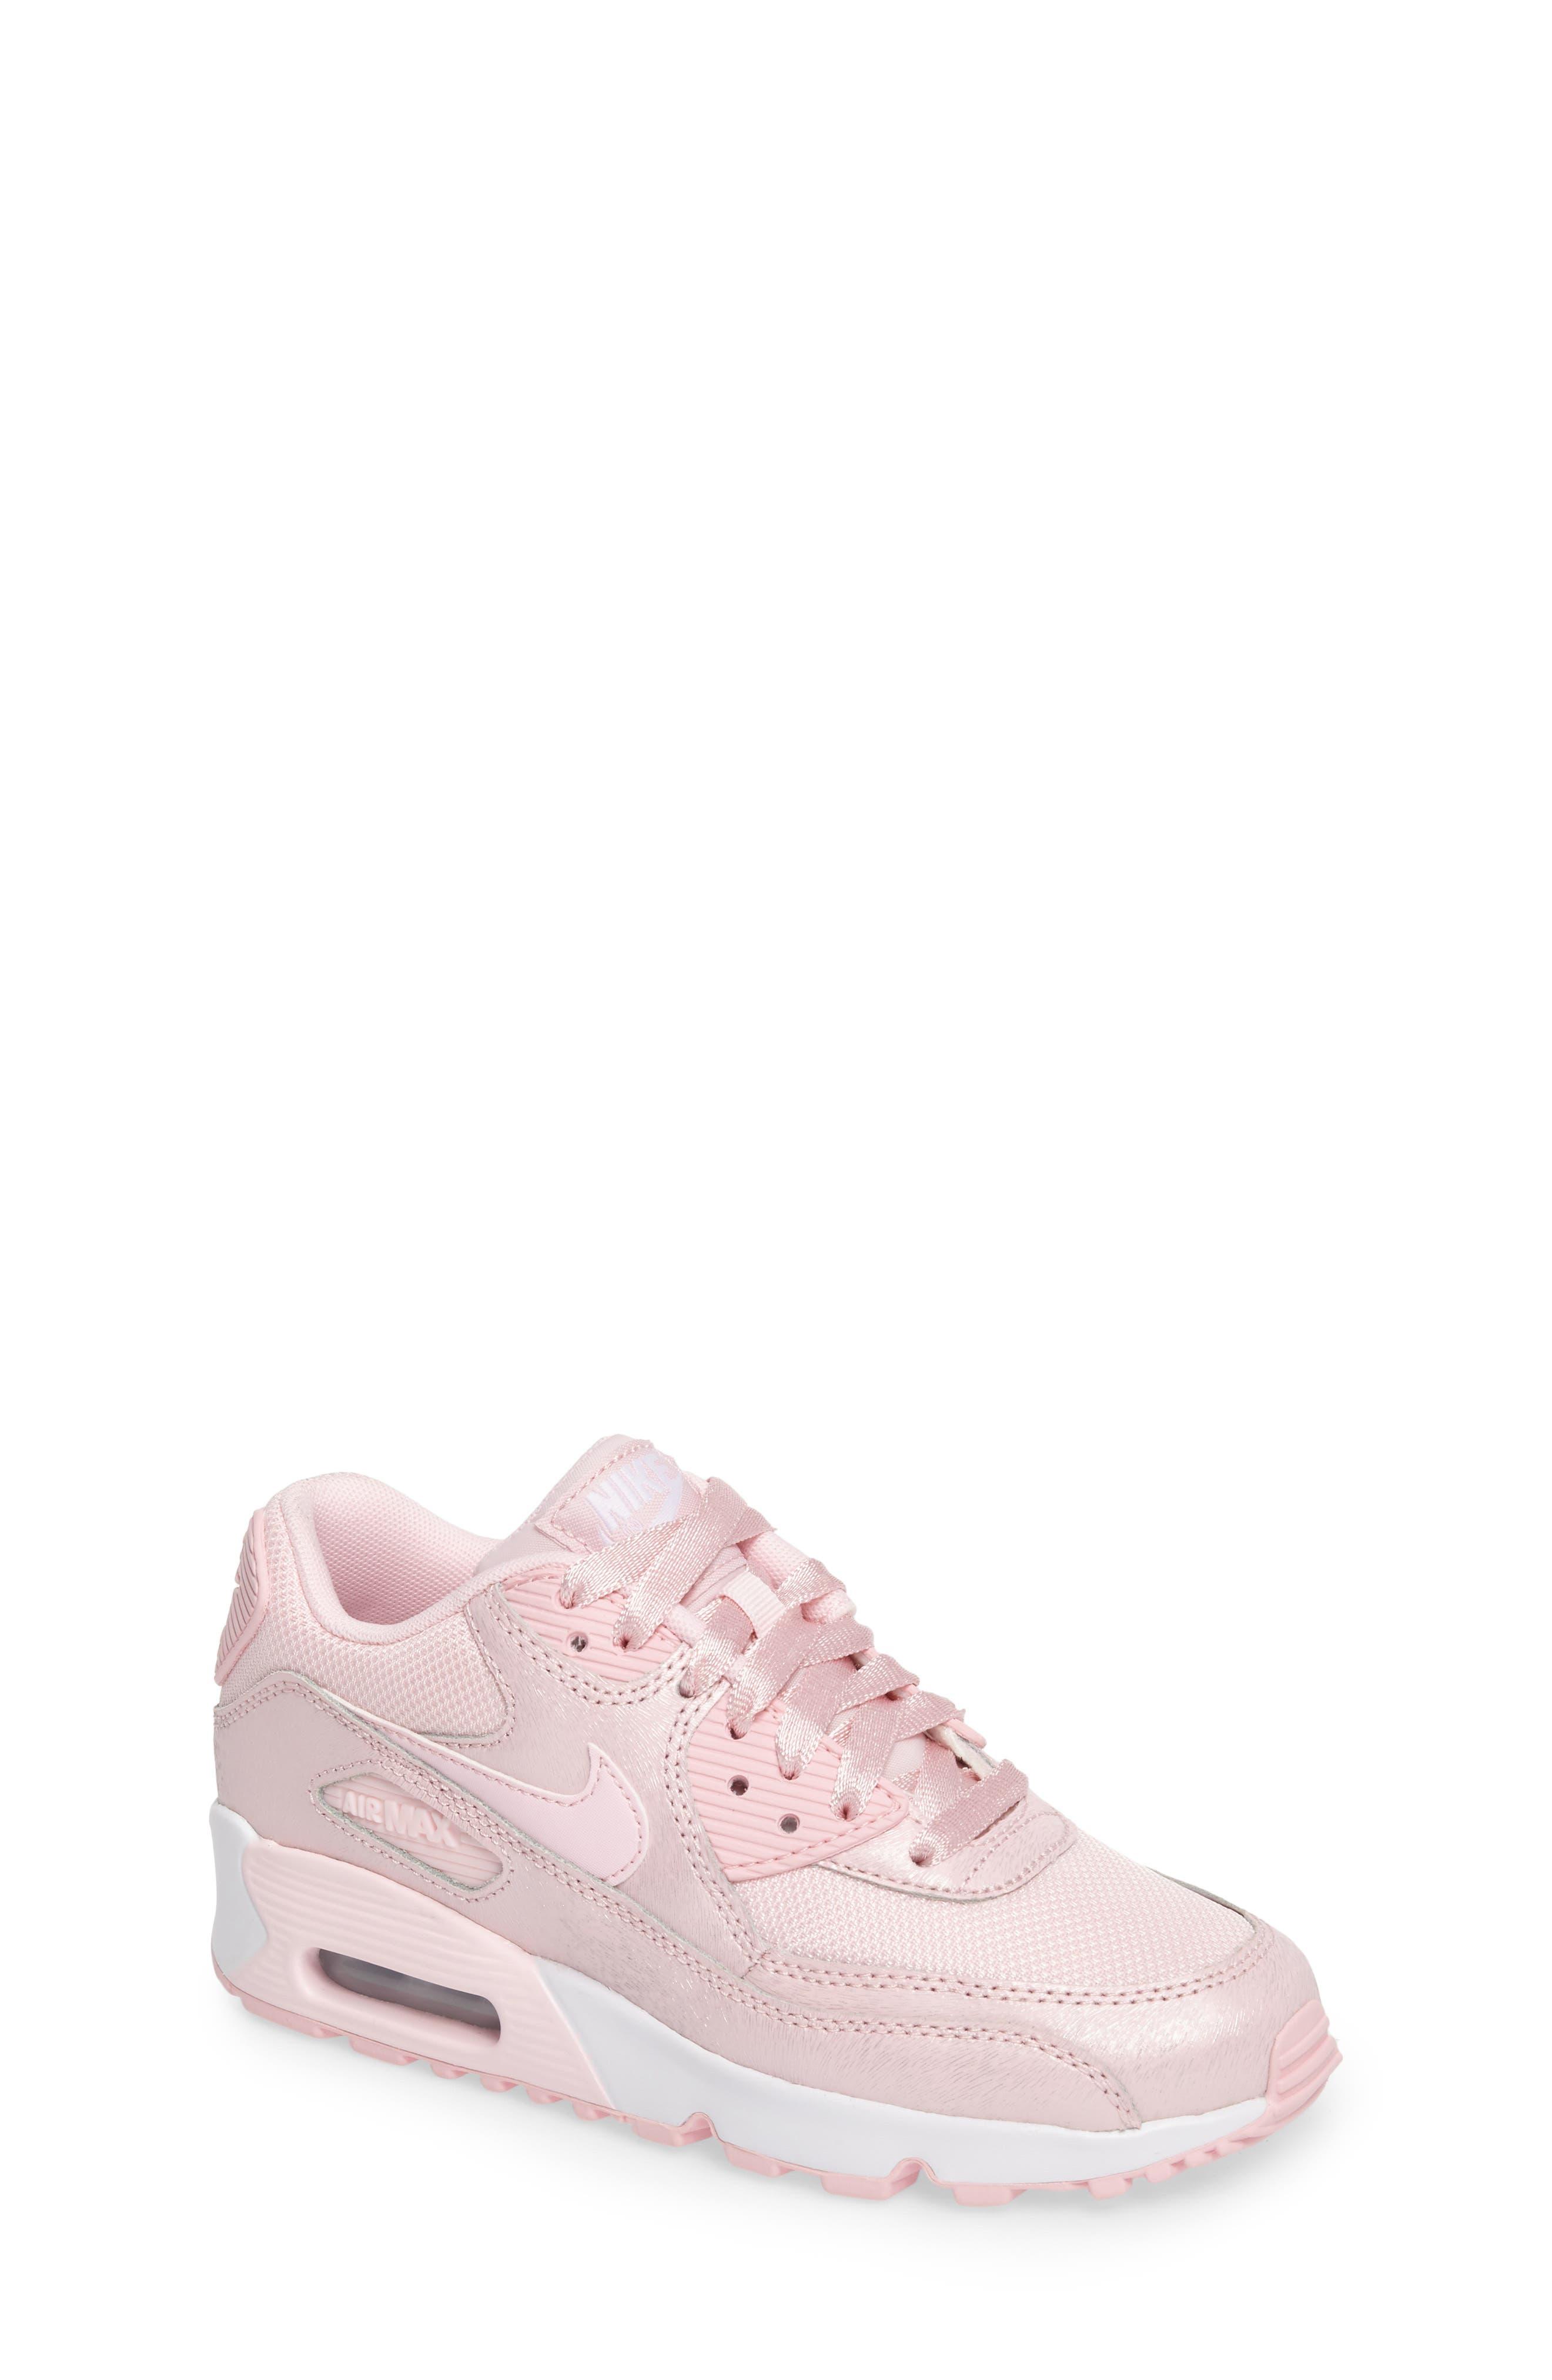 Air Max 90 Mesh Sneaker,                         Main,                         color, 650